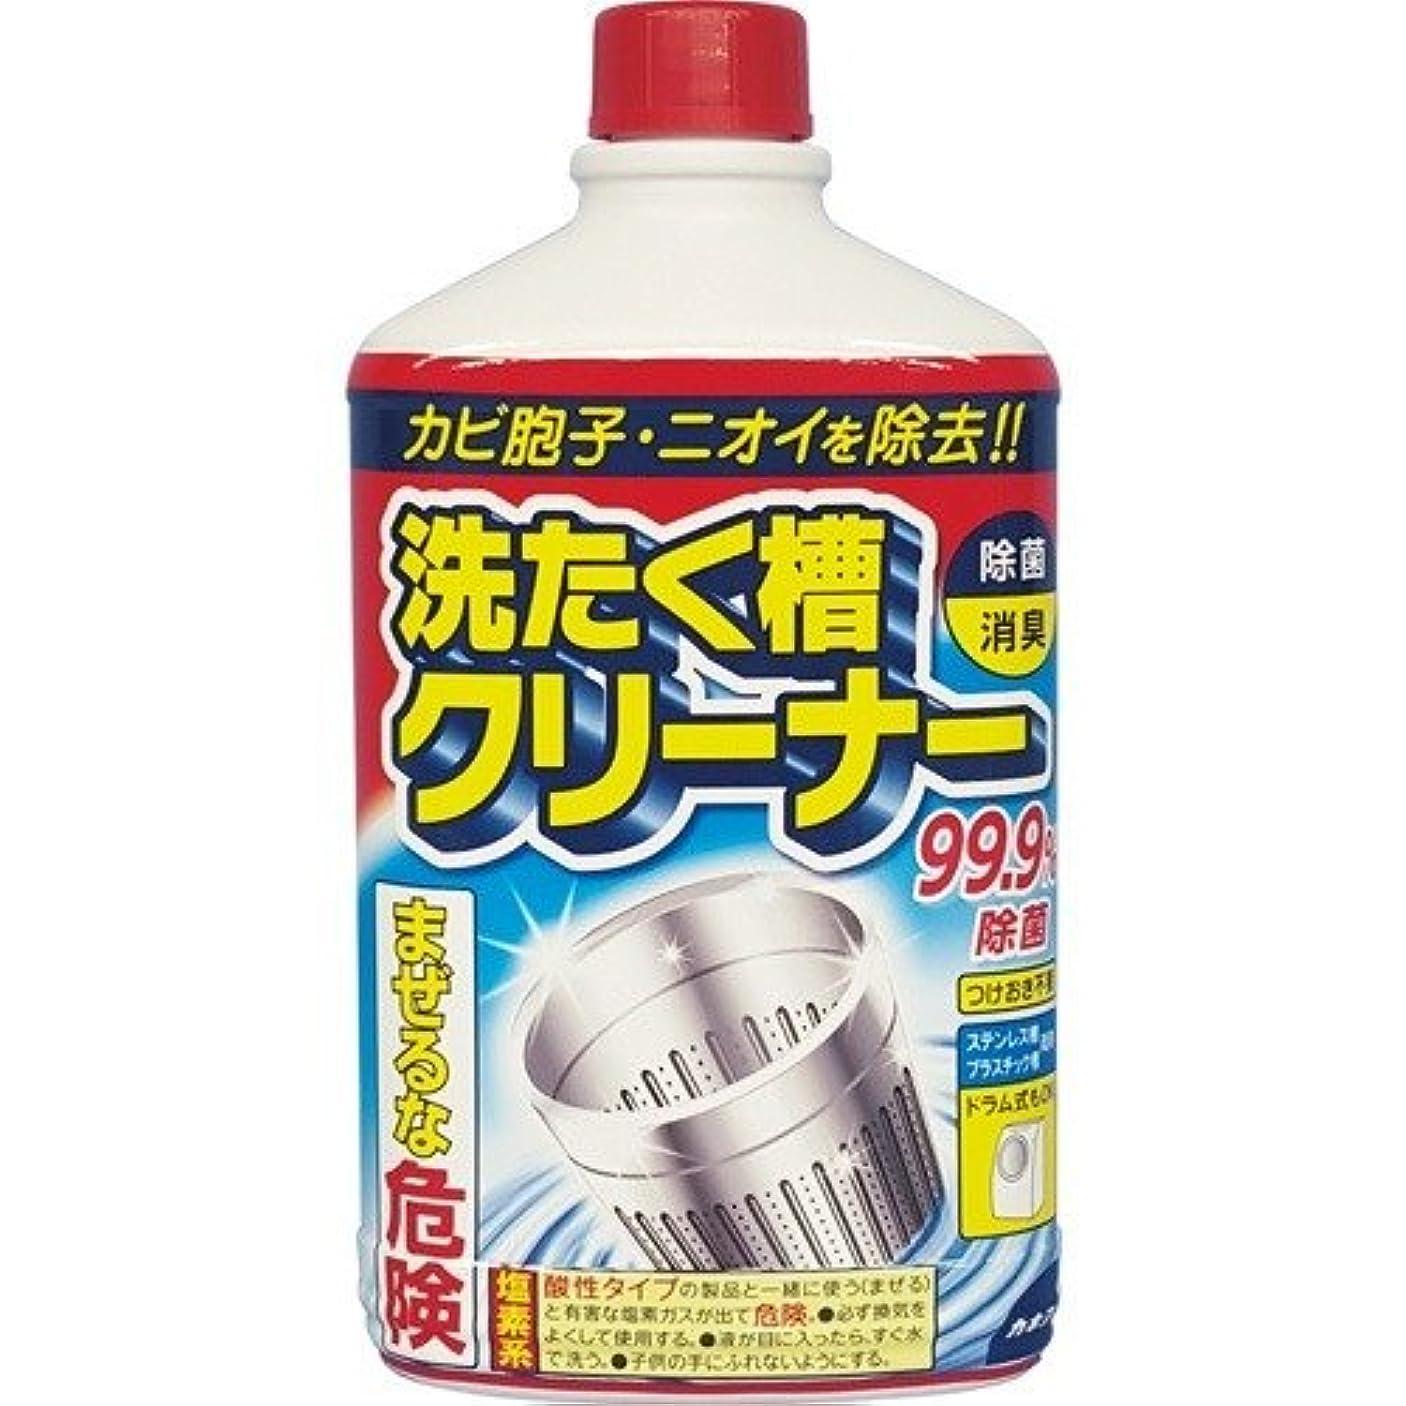 旅行者機密キャロライン洗たく槽クリ-ナ- 550g